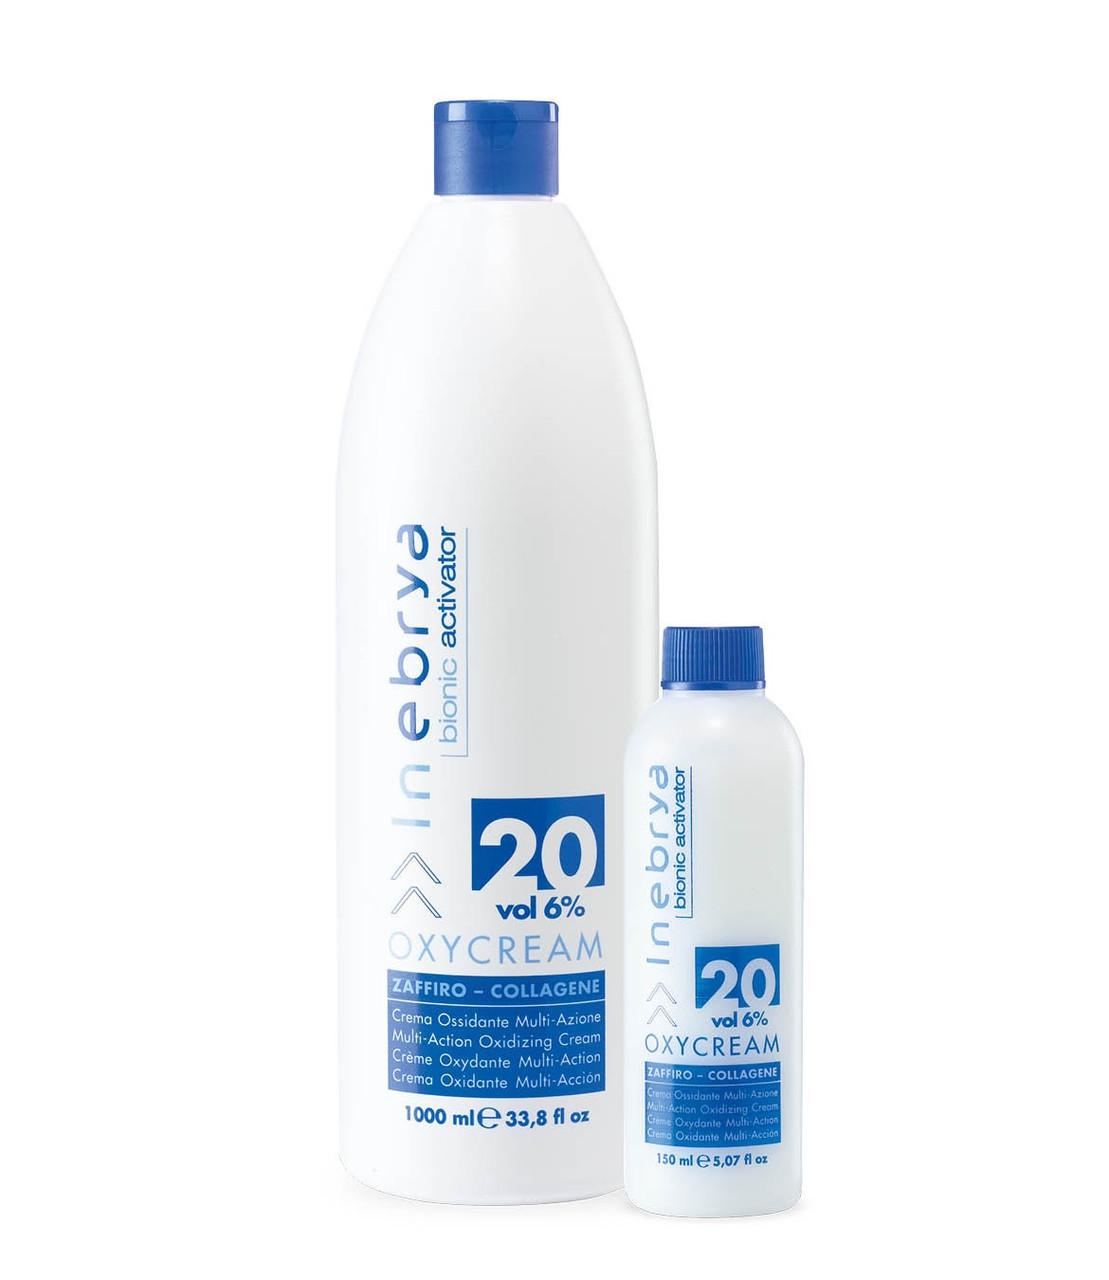 Крем-Окислитель Inebrya Bionic Activator Oxyсream 20 Vol 6% 1000 мл (1523)